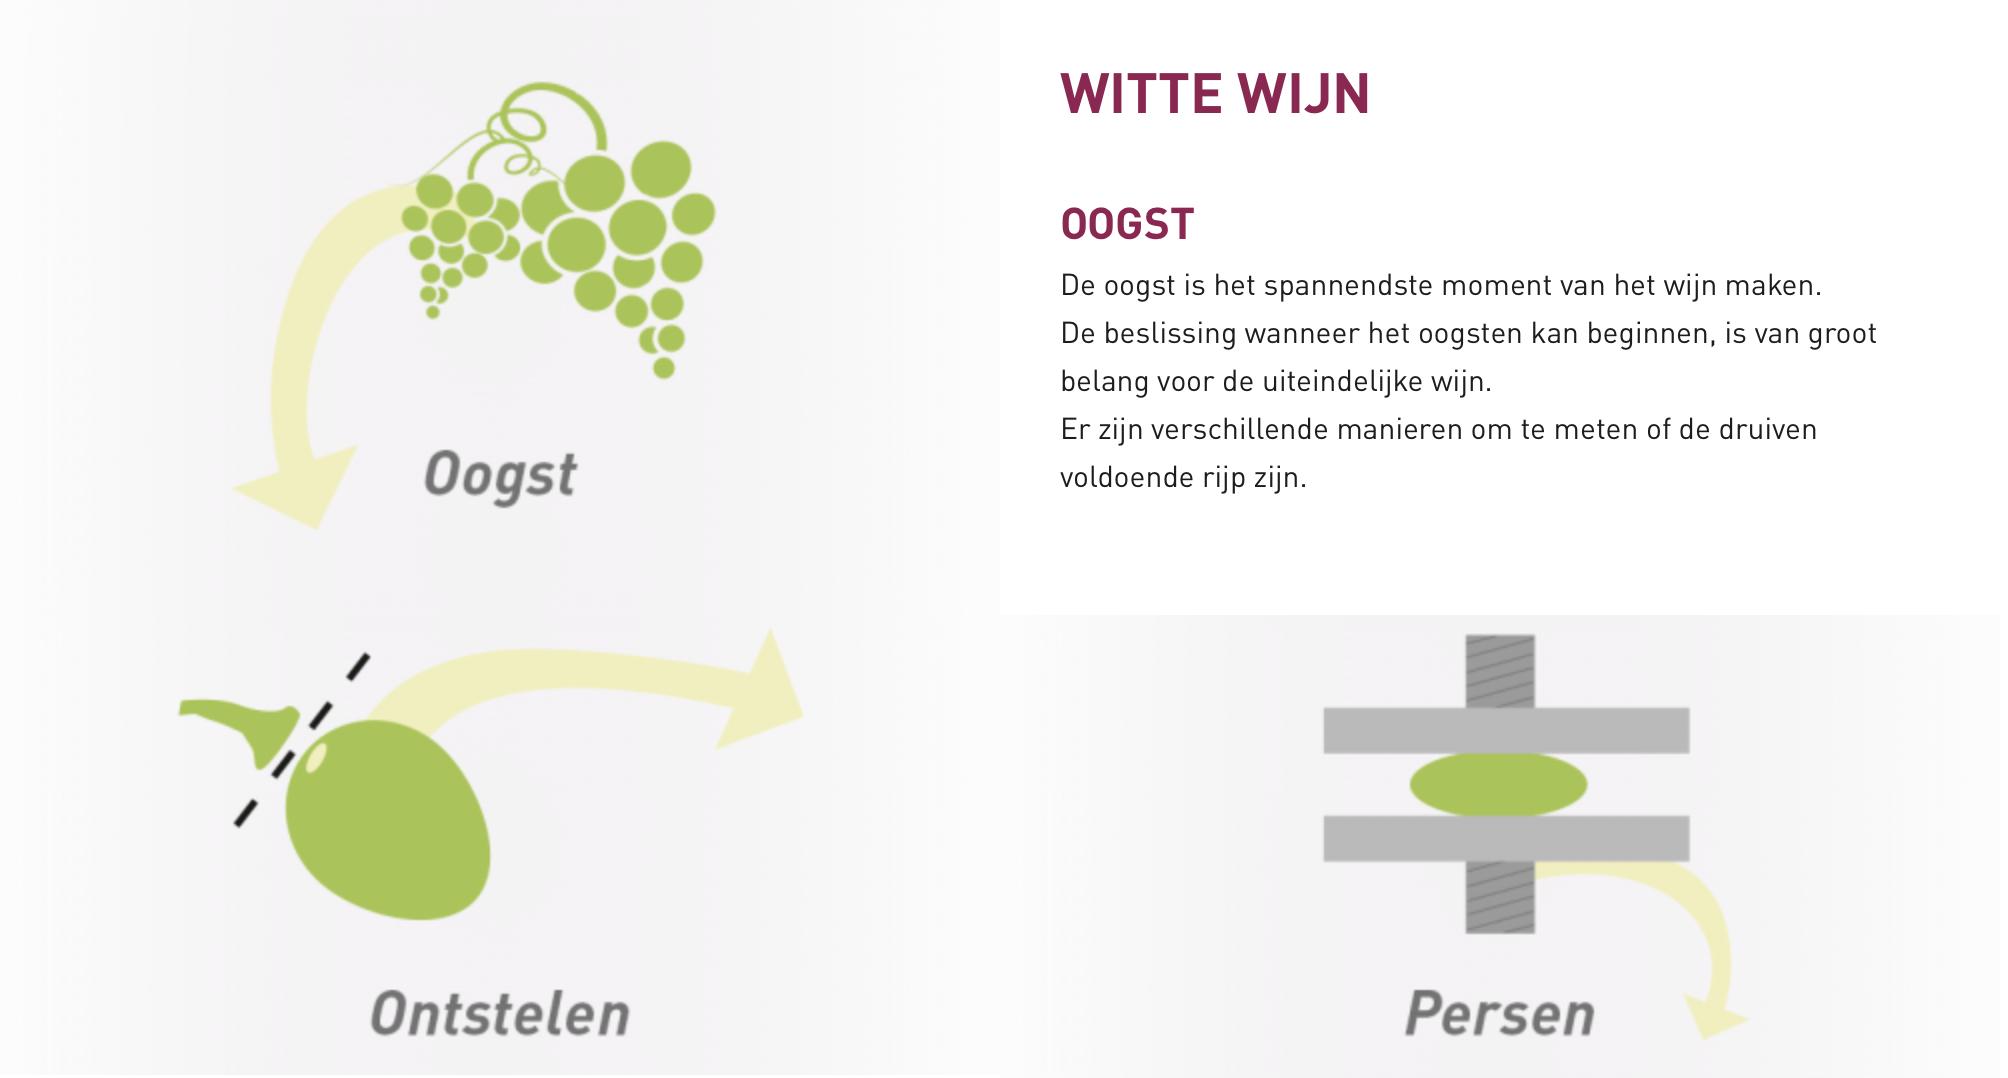 Hoe wordt witte wijn gemaakt?